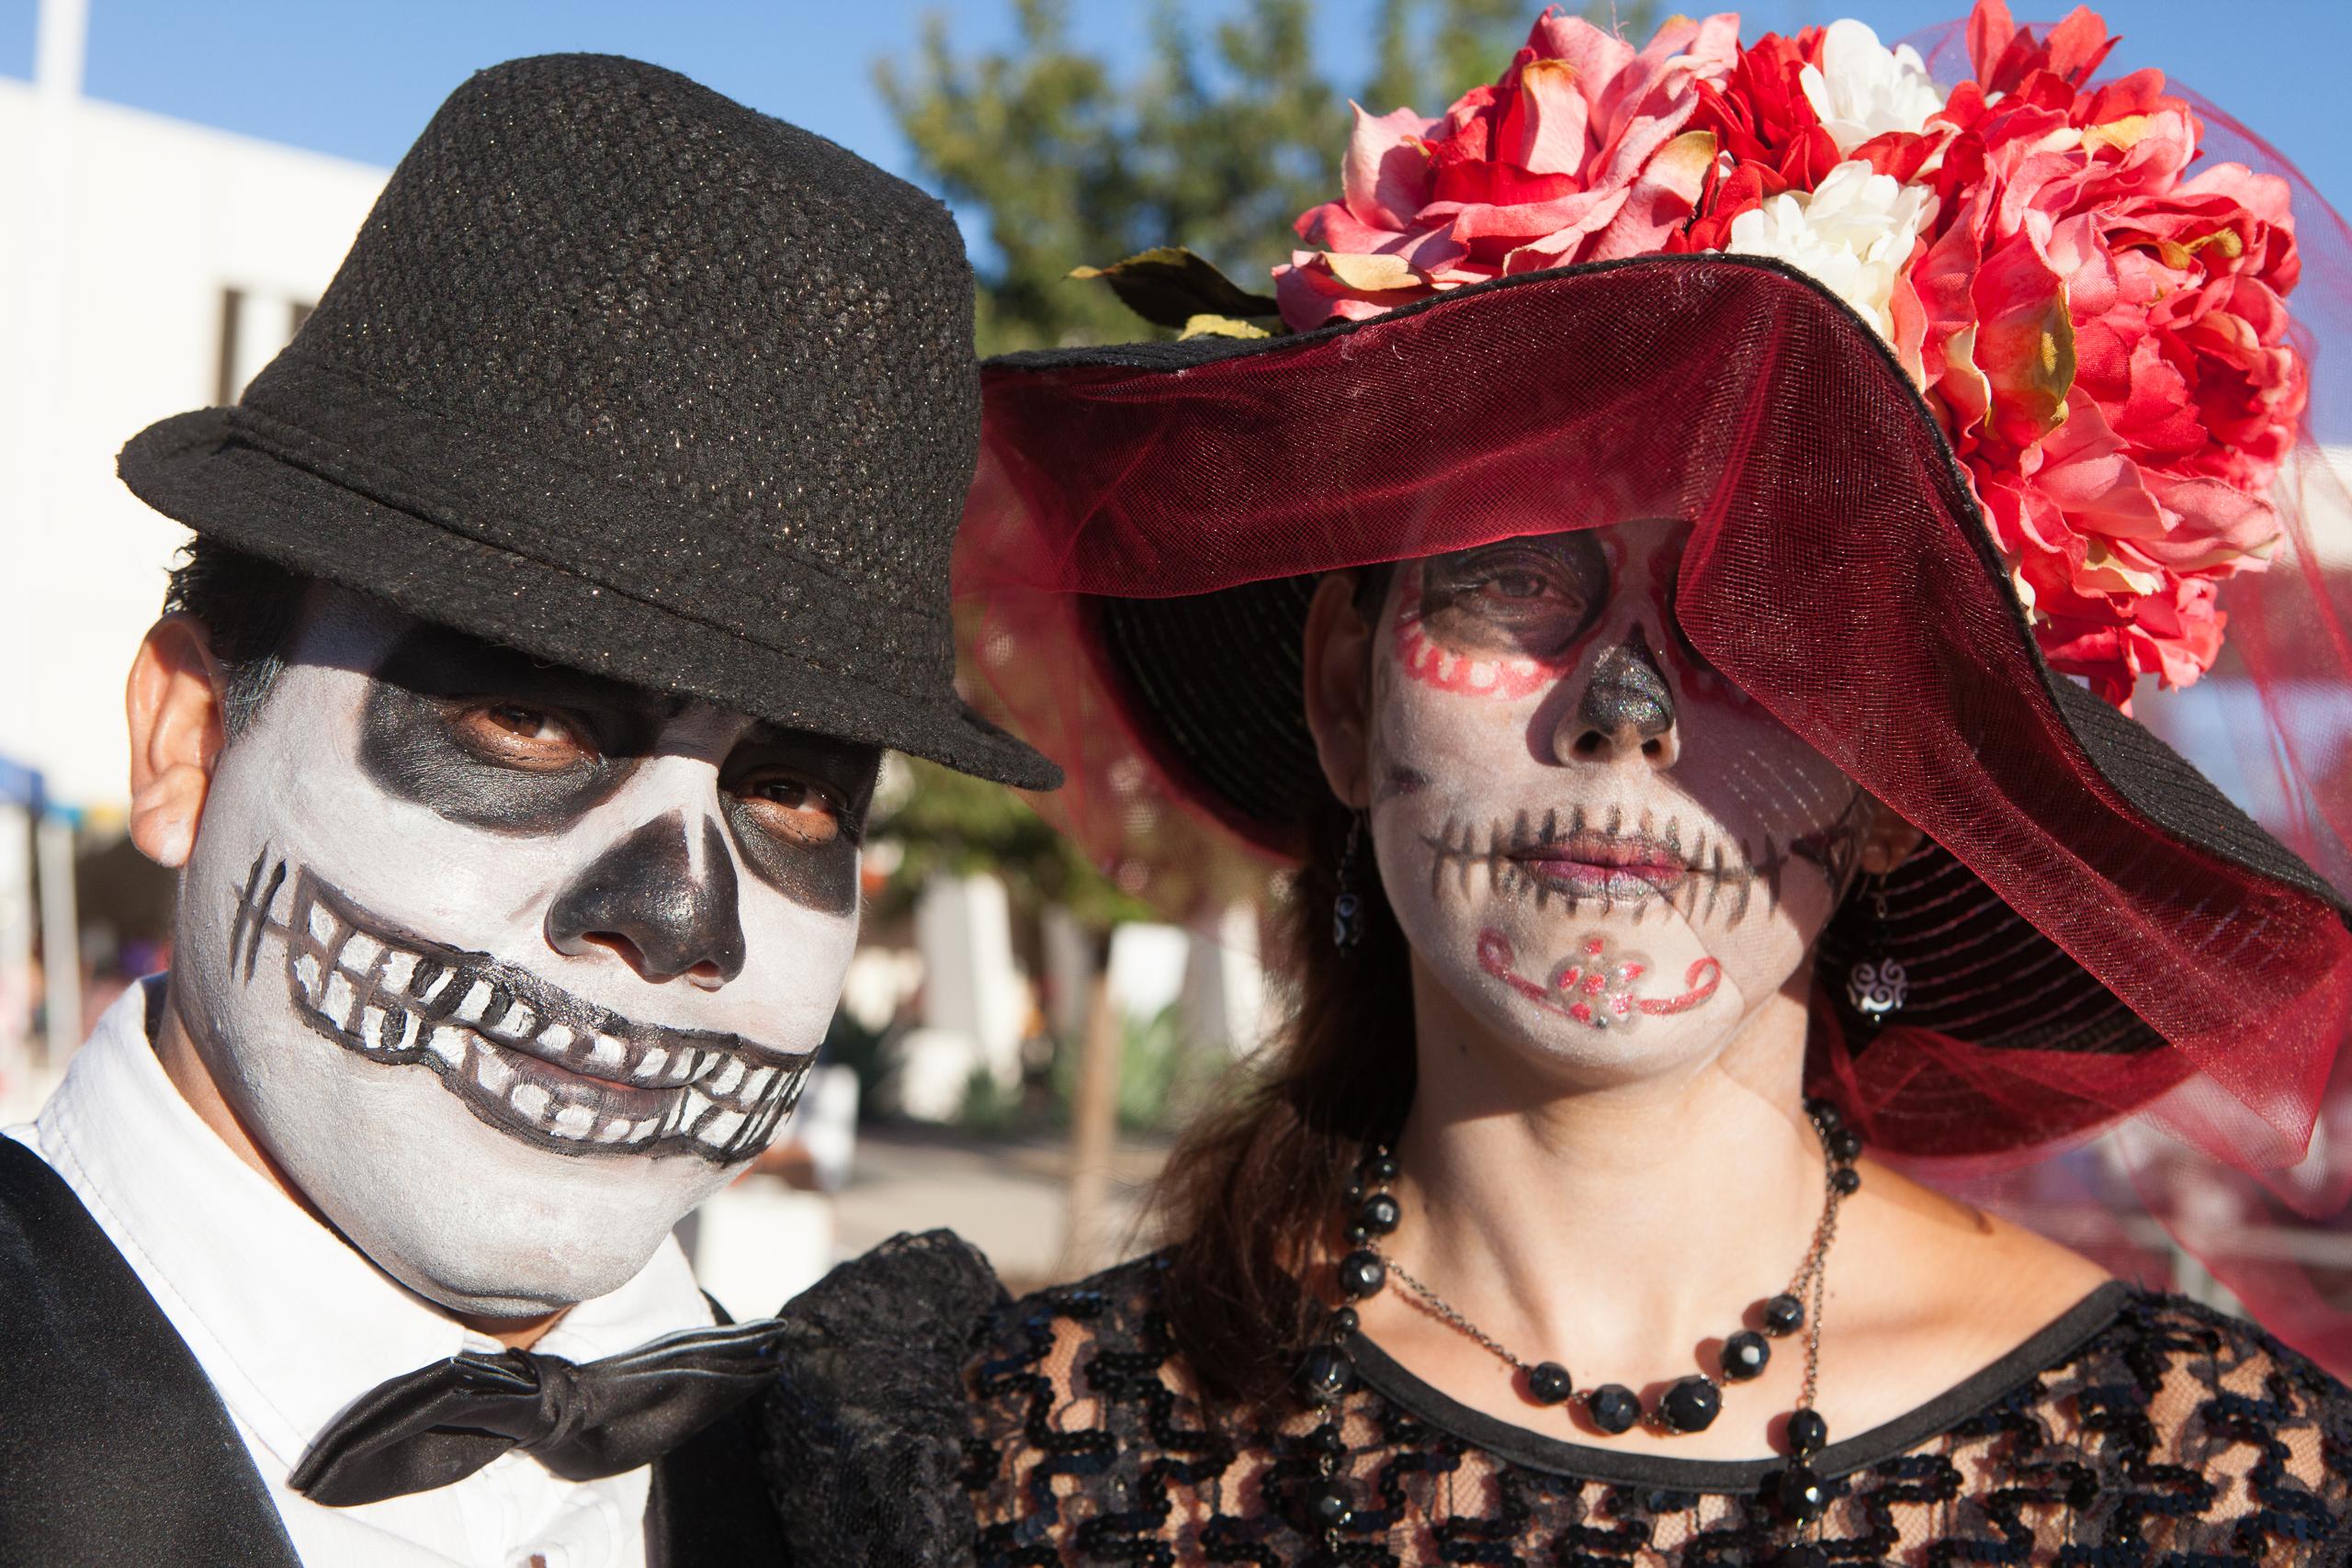 Diego y Frida Como Esqueletos (Diego and Frida As Skeletons)